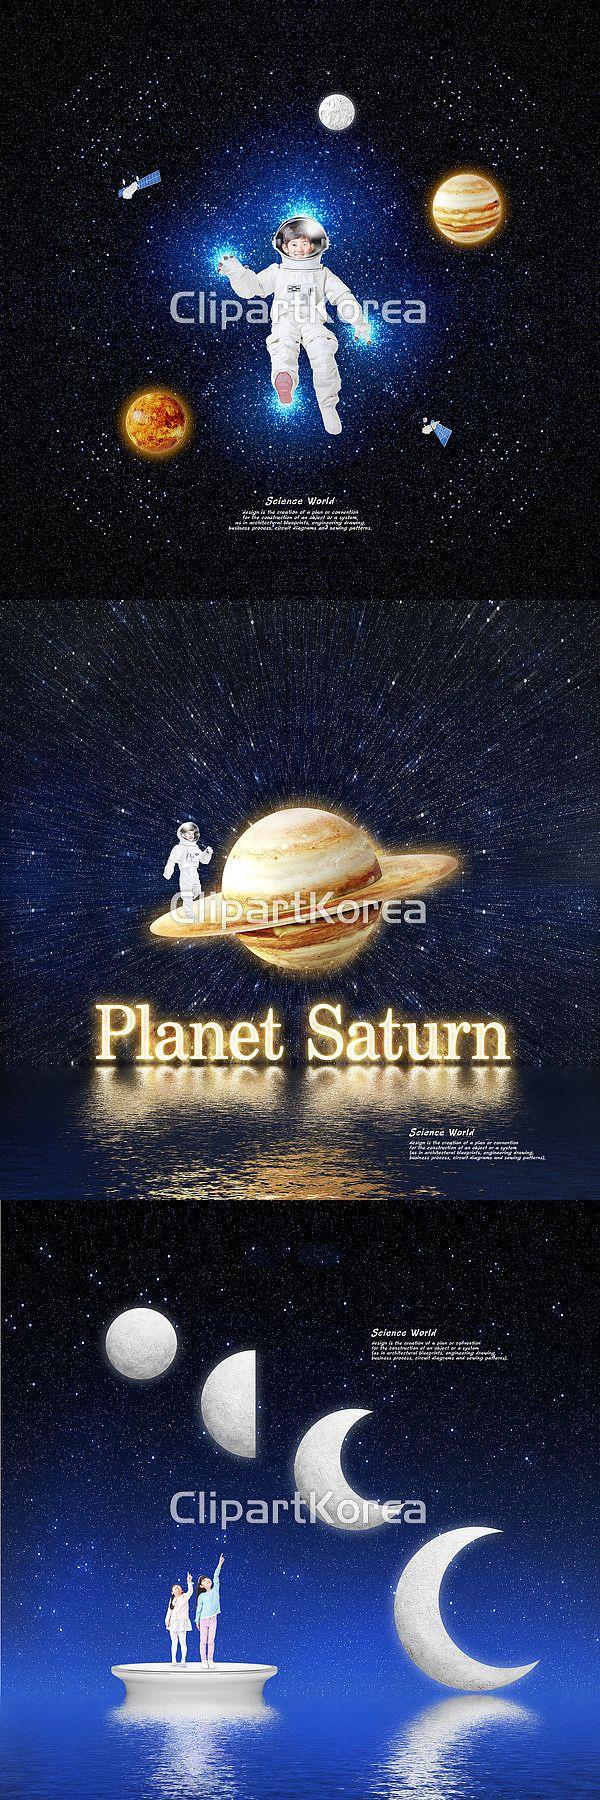 클립아트코리아 이미지투데이 통로이미지 clipartkorea imagetoday tongroimages 과학 달 목성 미소 별 어린이 우주  컨셉 합성이미지 행성 화성 브라운  이펙트 토성 변화 보름달 초승달  Science moon child smile space concept composite image Jupiter planet Mars Saturn Brown effect change crescent moon